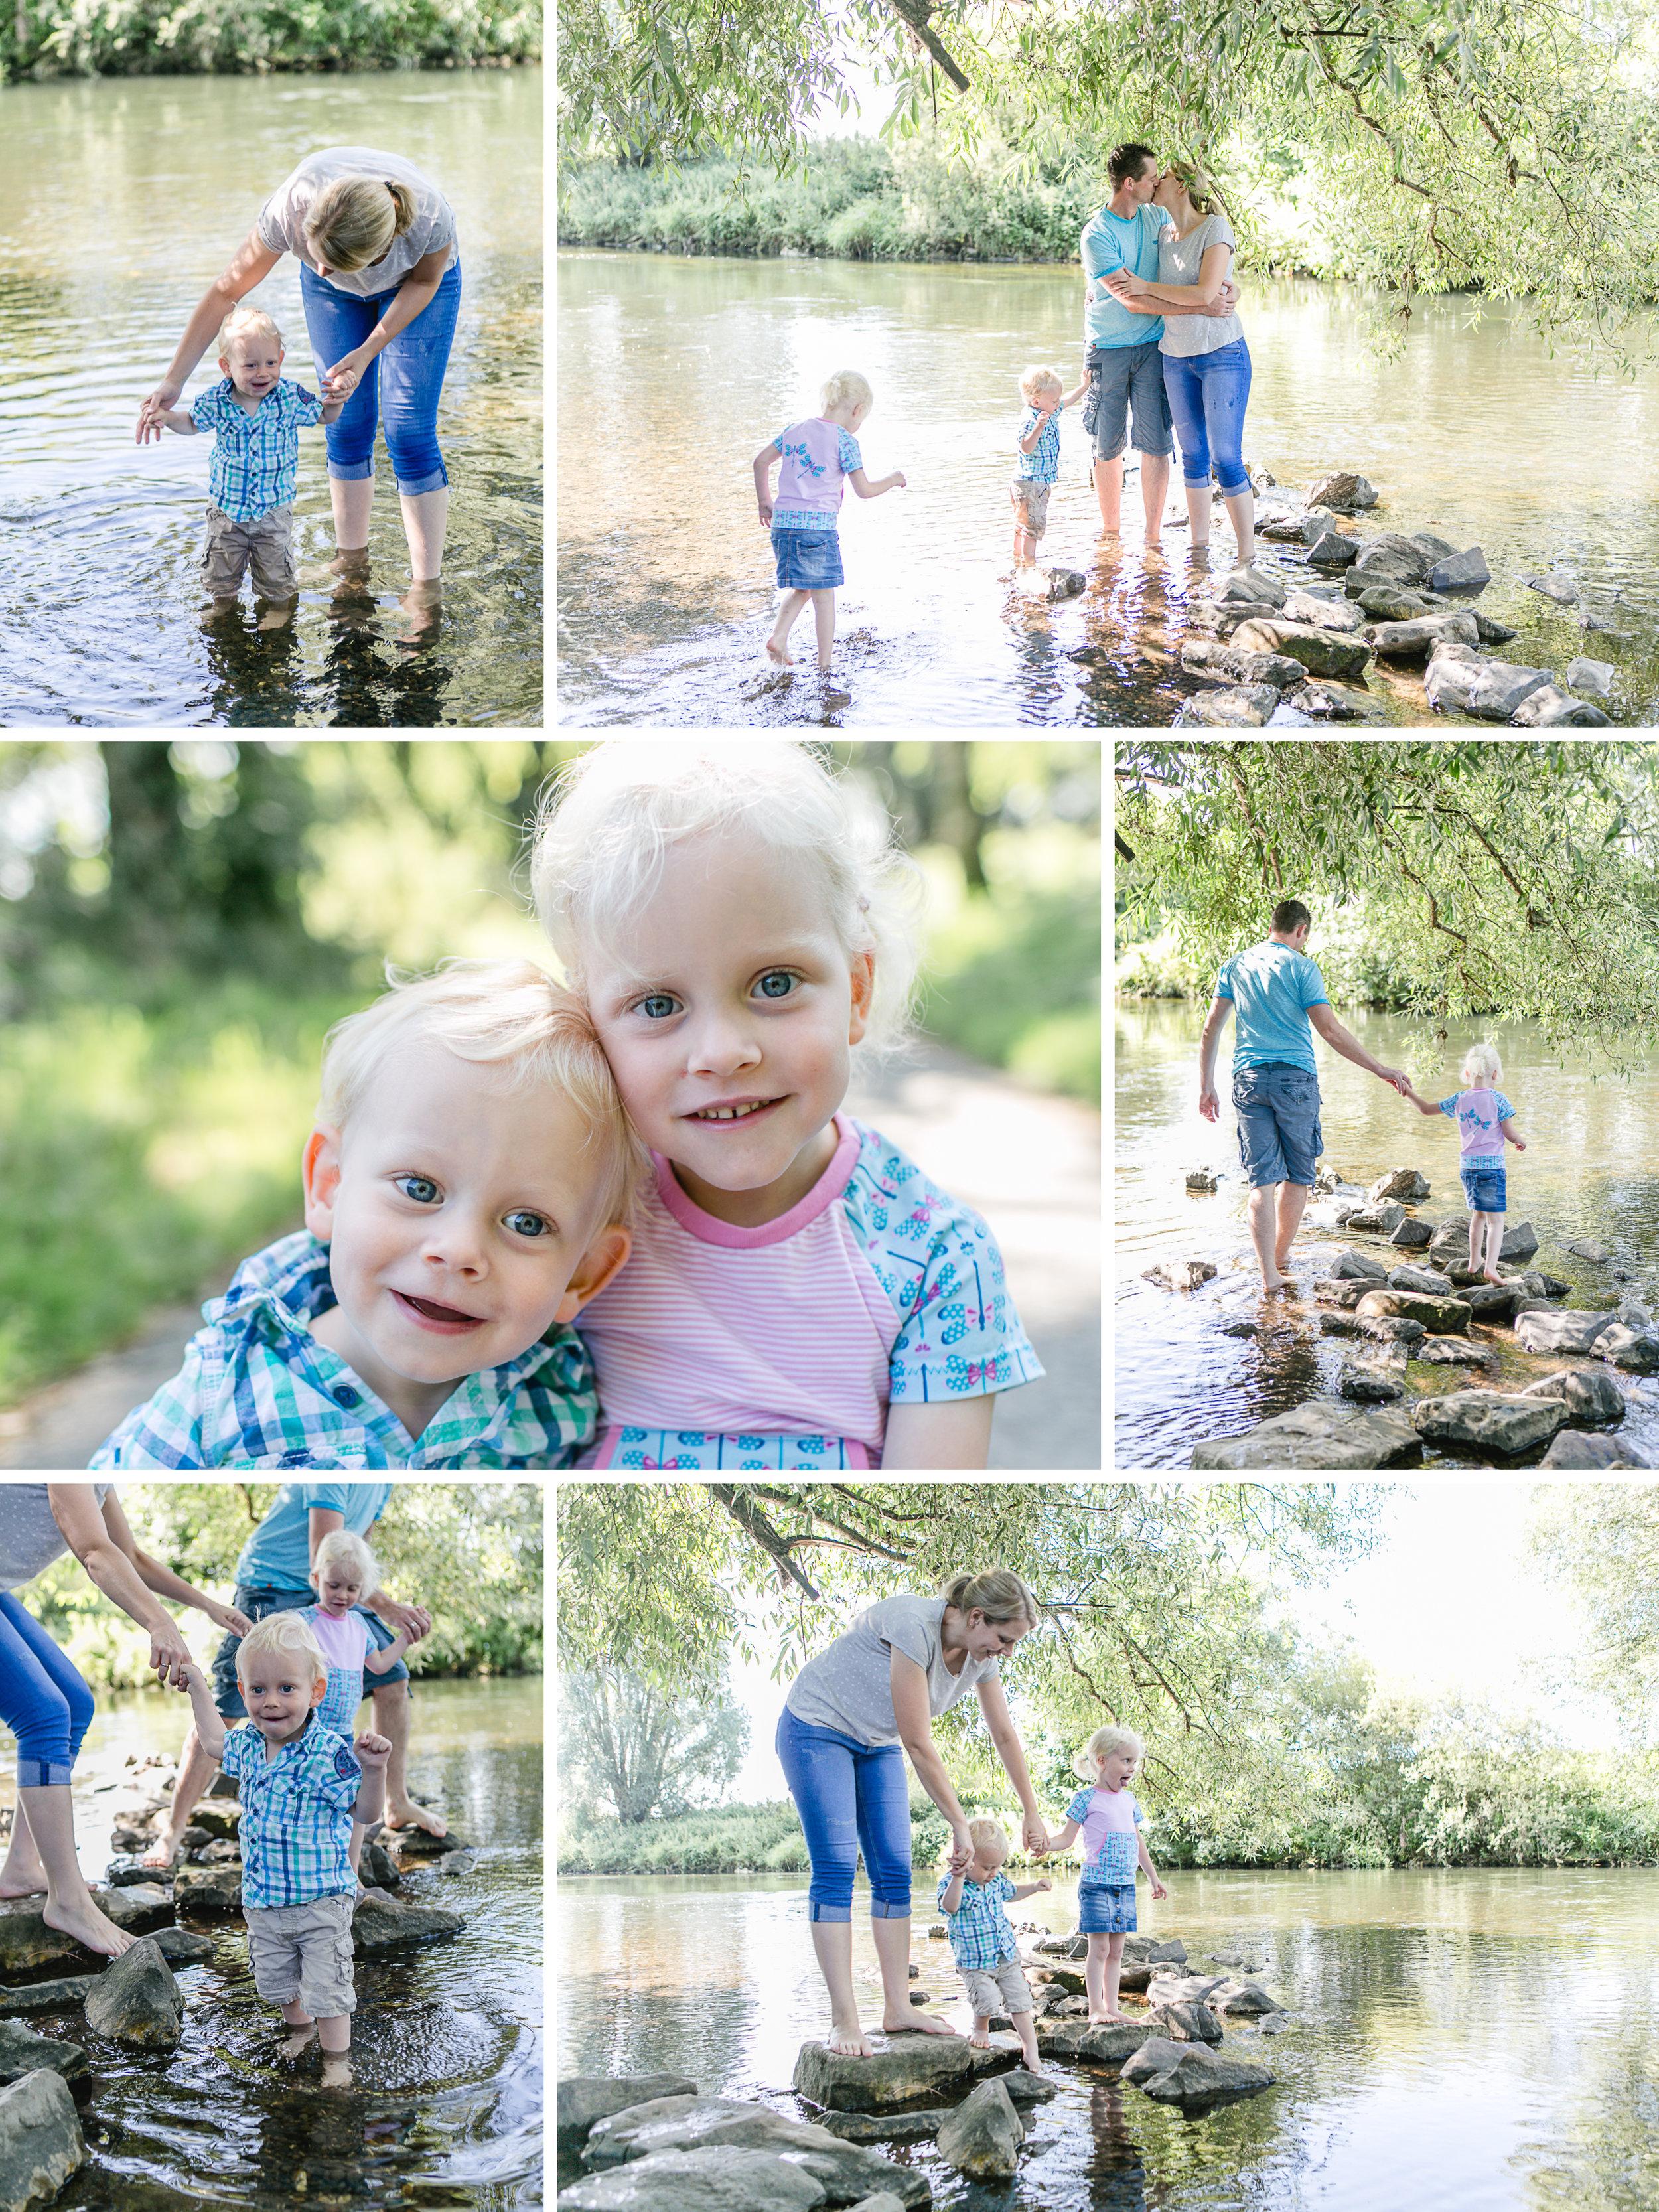 Familienfotograf menden schwerte unna Familienfotosiserlohn.jpg